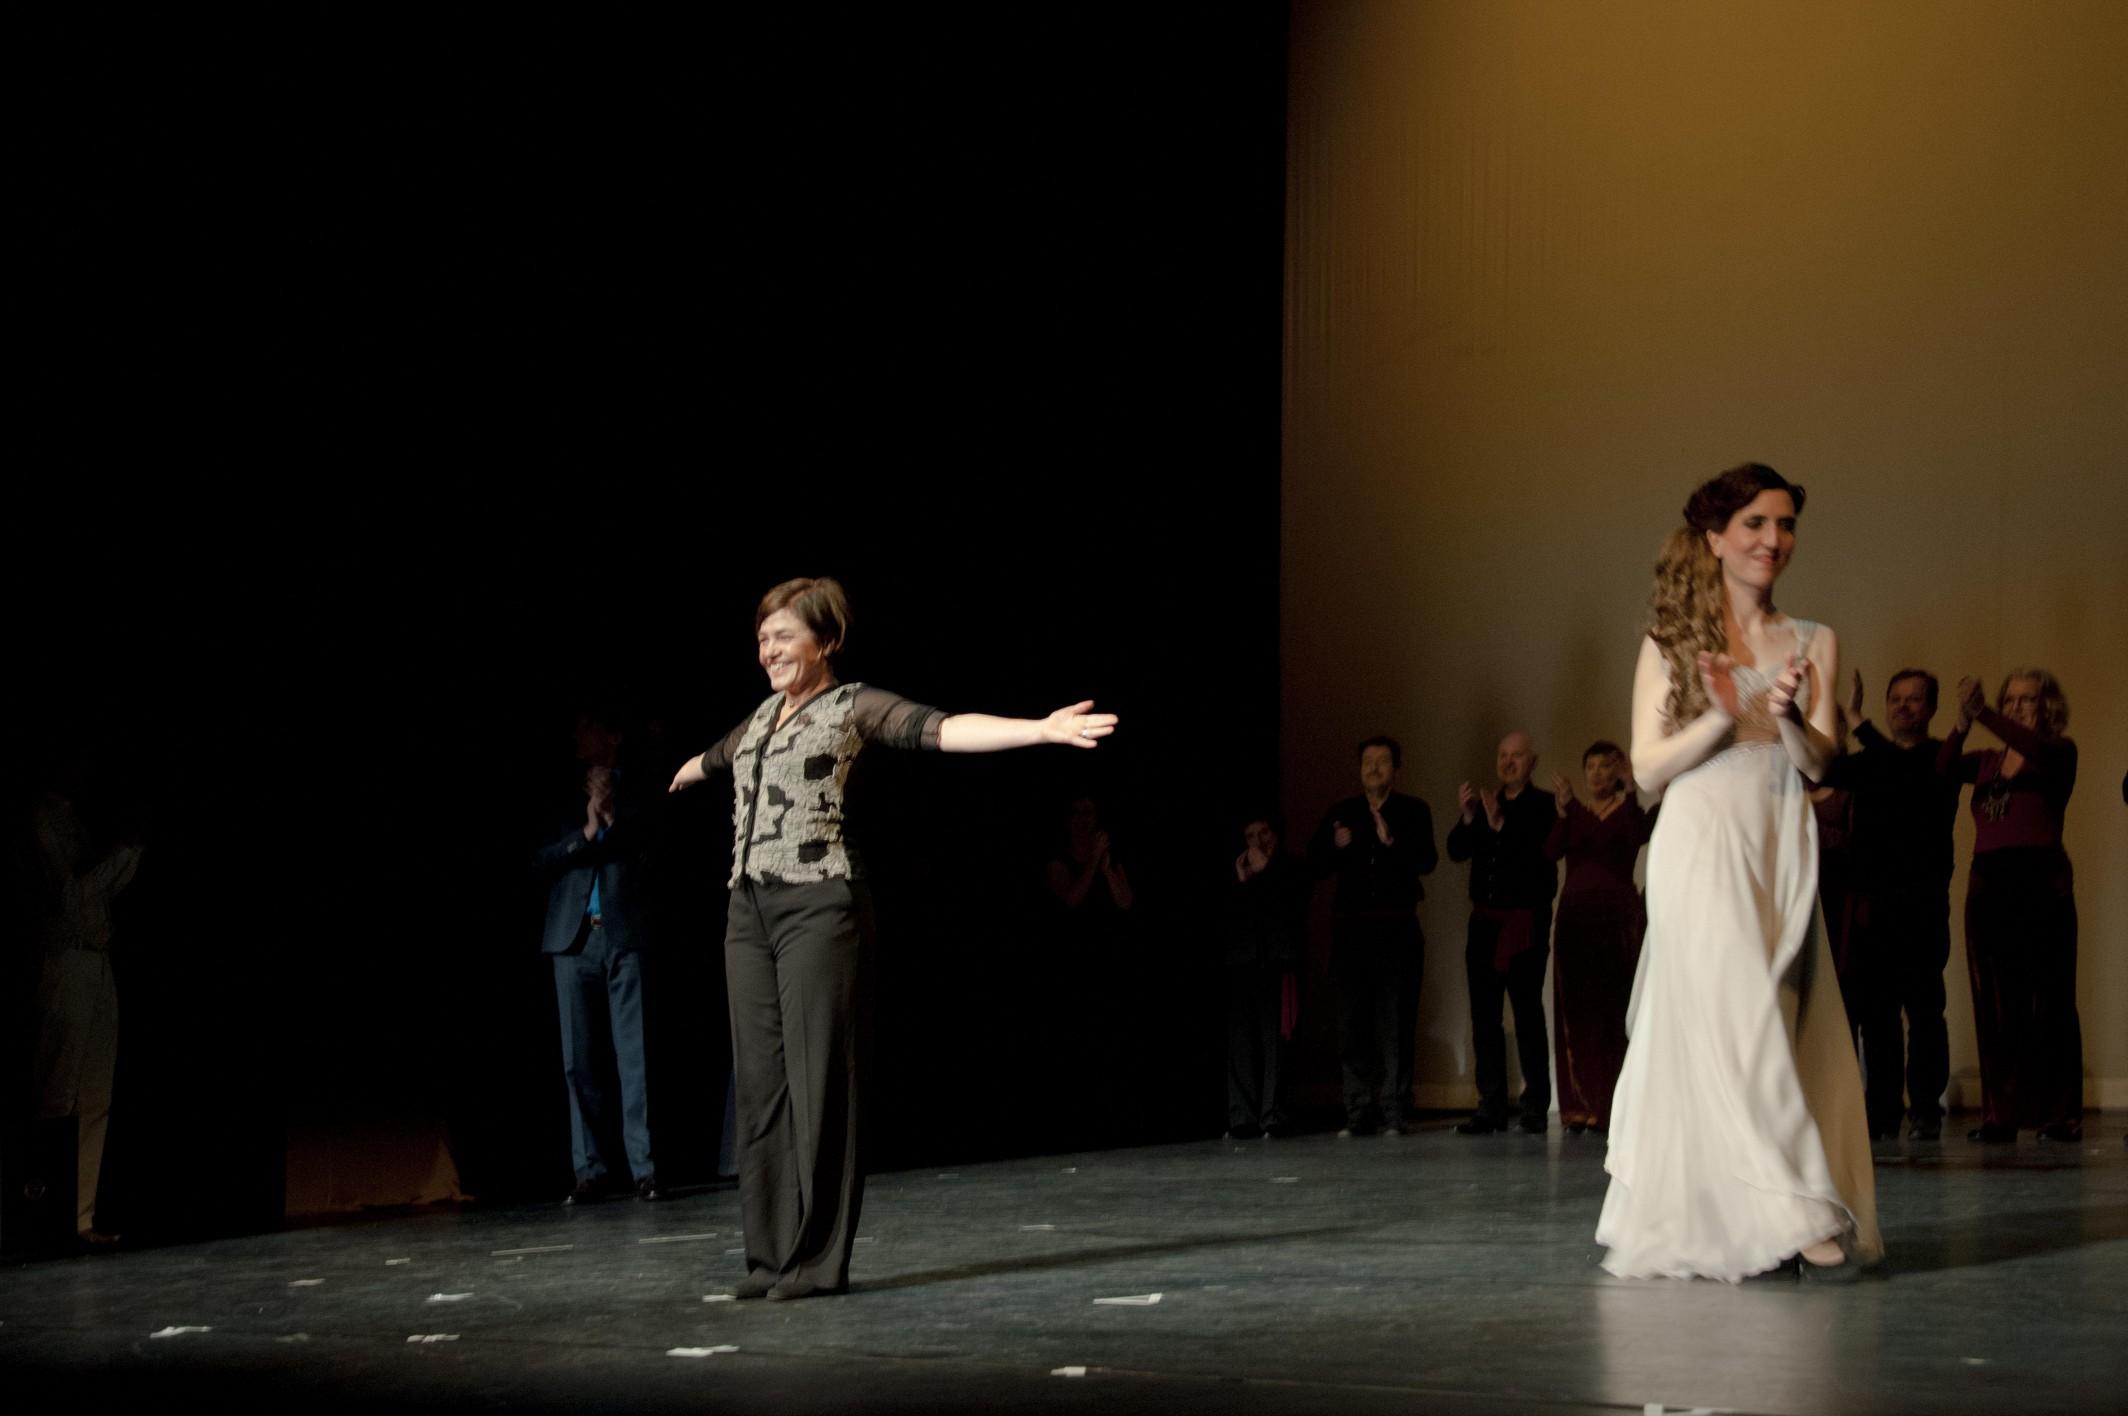 Margot neemt het applaus in ontvangst na het dirigeren van Händels muzikale drama Semele in de Leidse Schouwburg